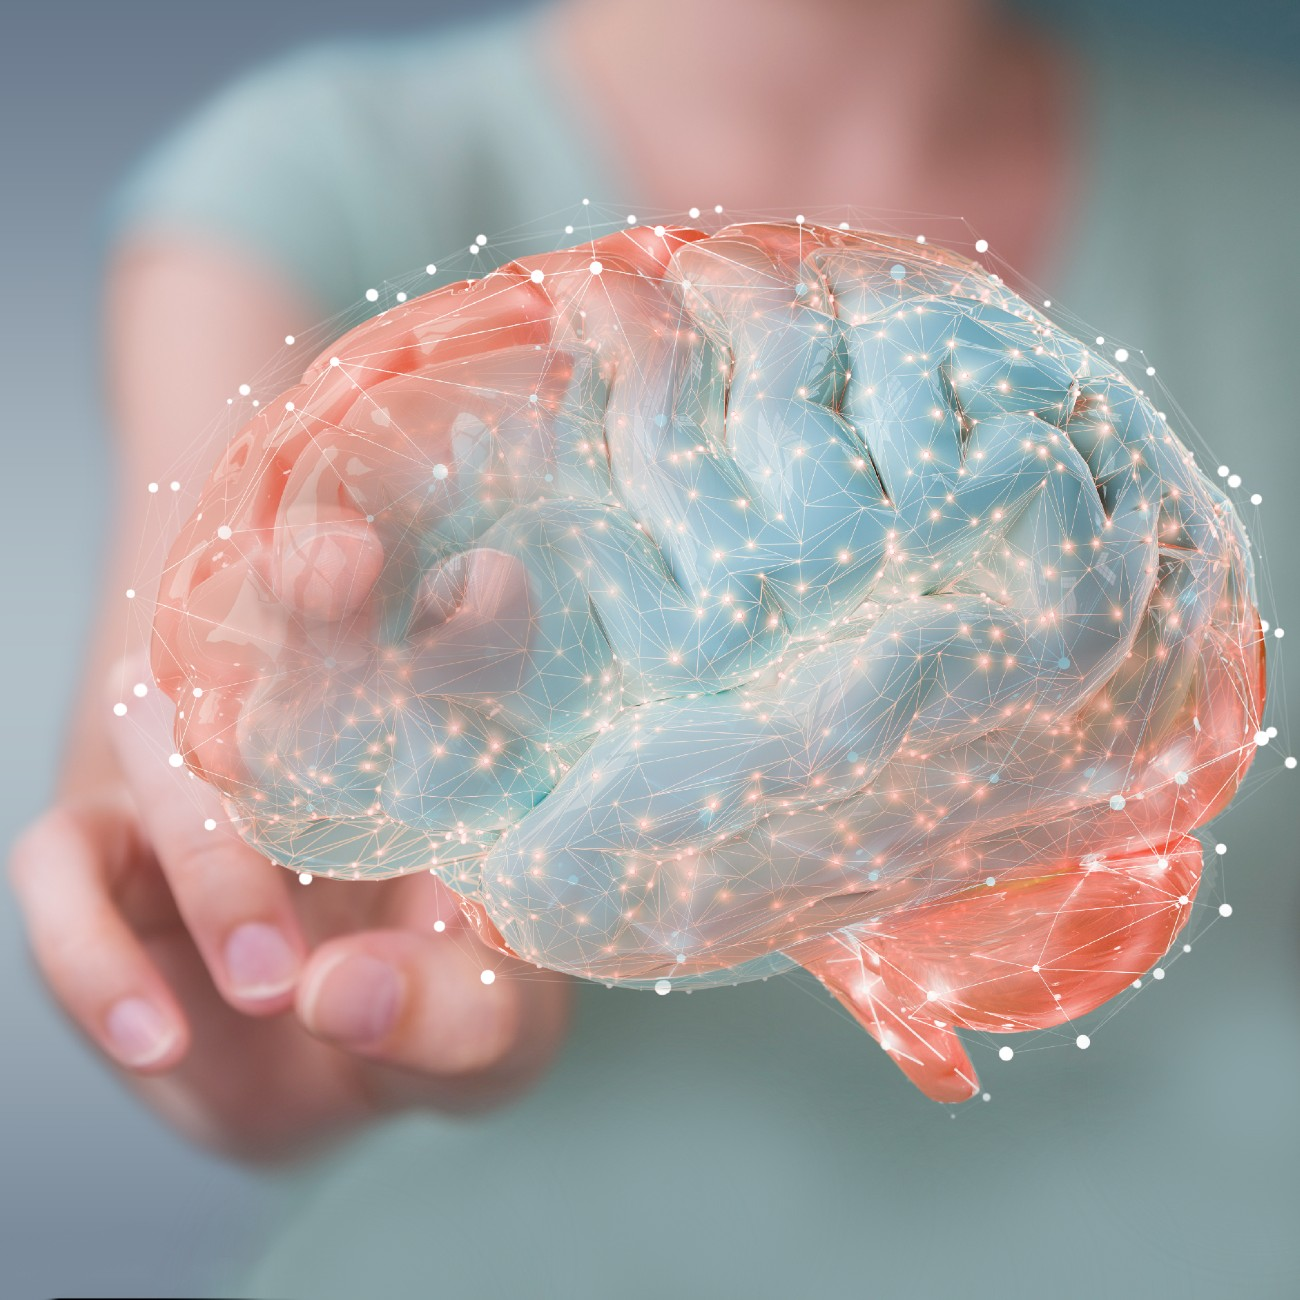 infertilità e sostegno psicologico durante il percorso di PMA: nell'immagine una donna tocca un ologramma di cervello umano